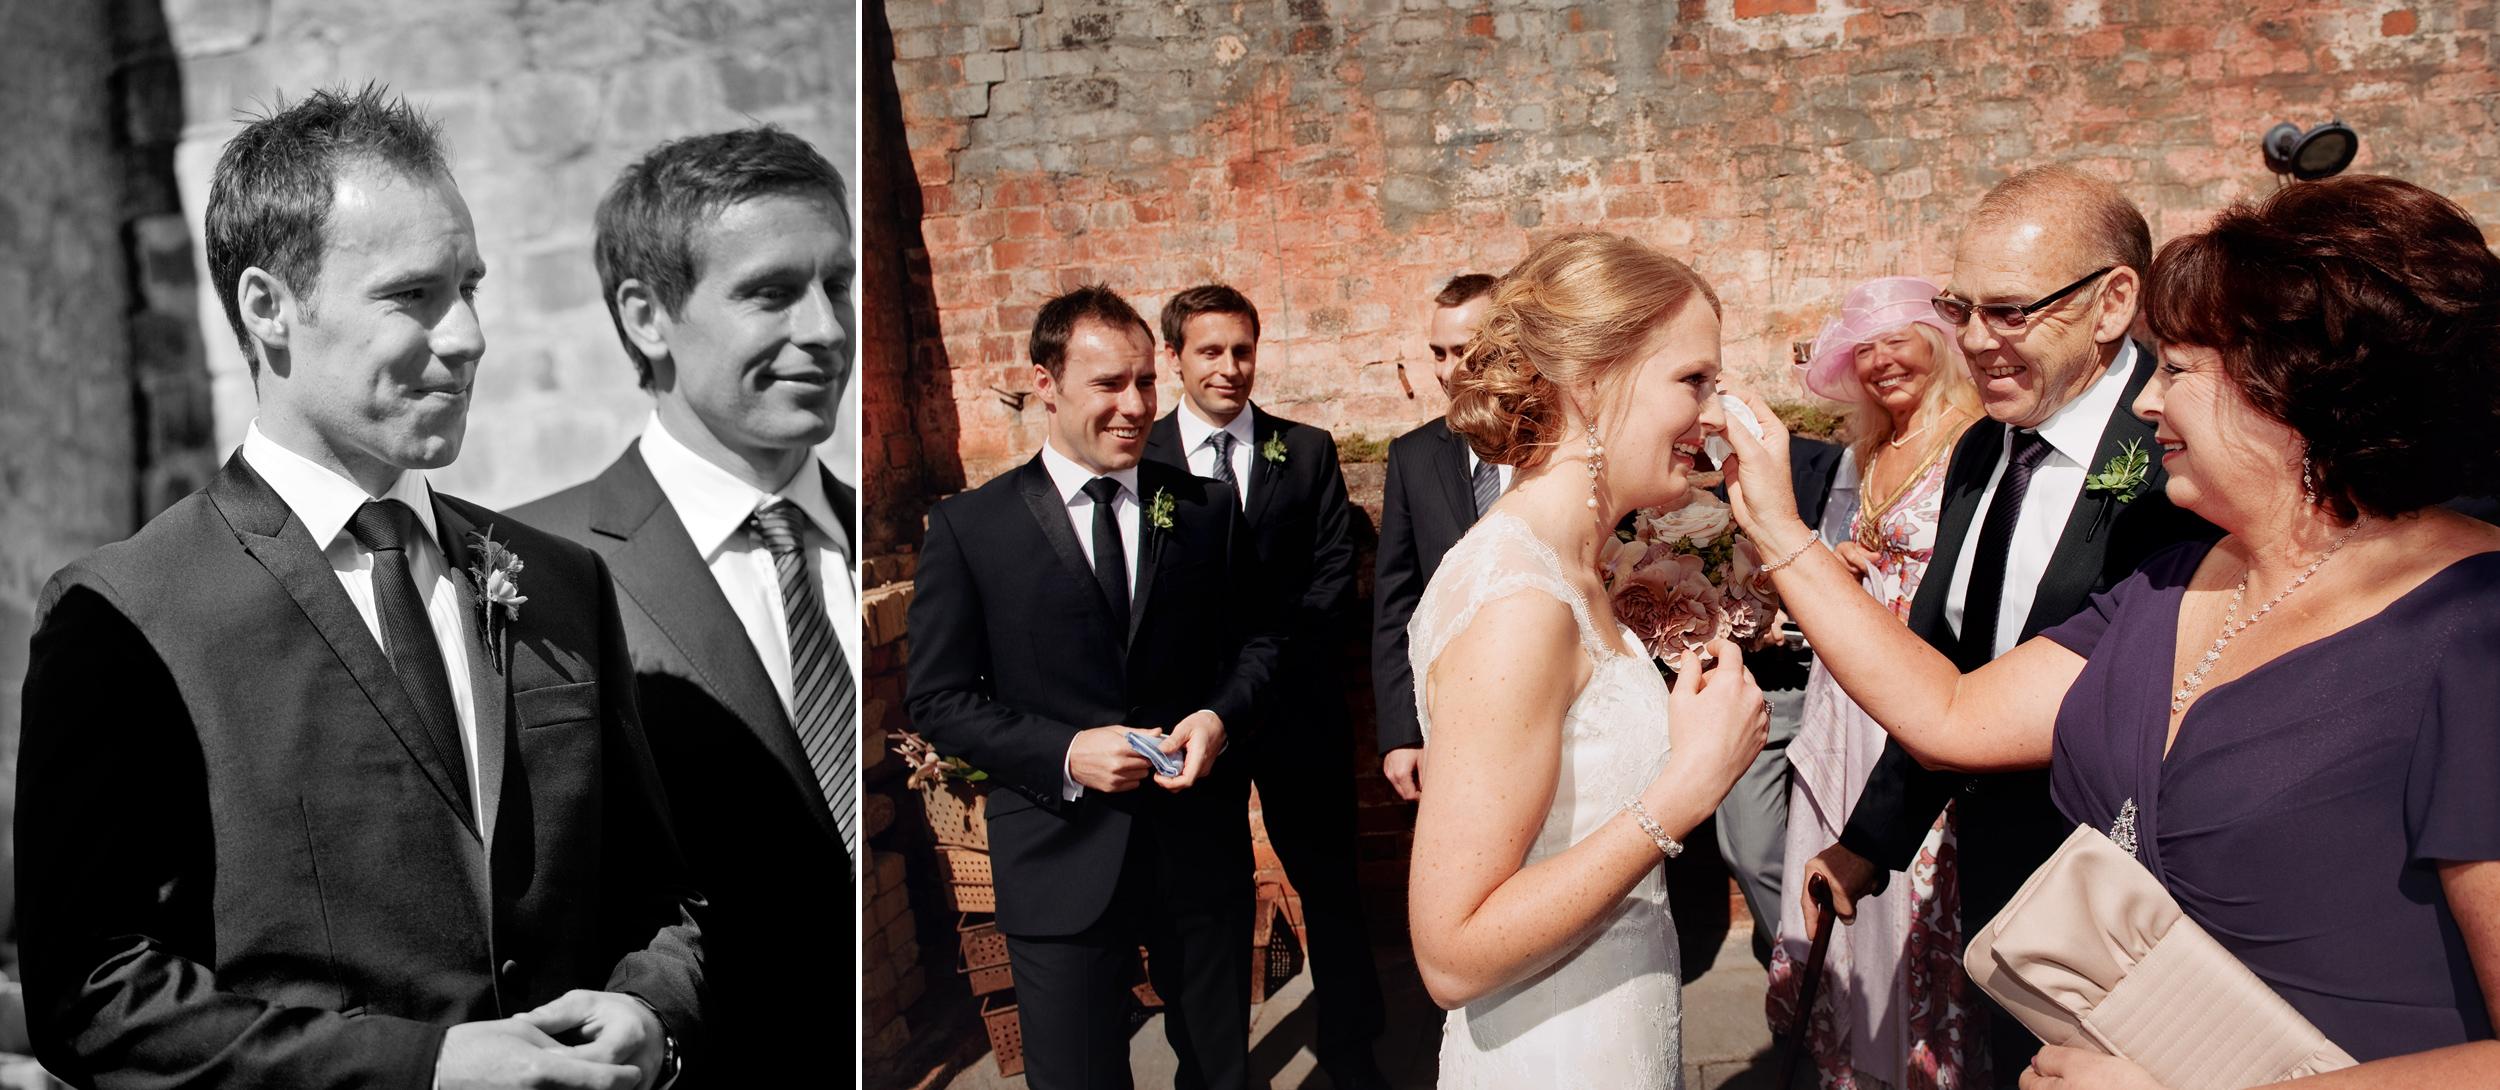 euroa_butter_factory_wedding_photography_64.jpg